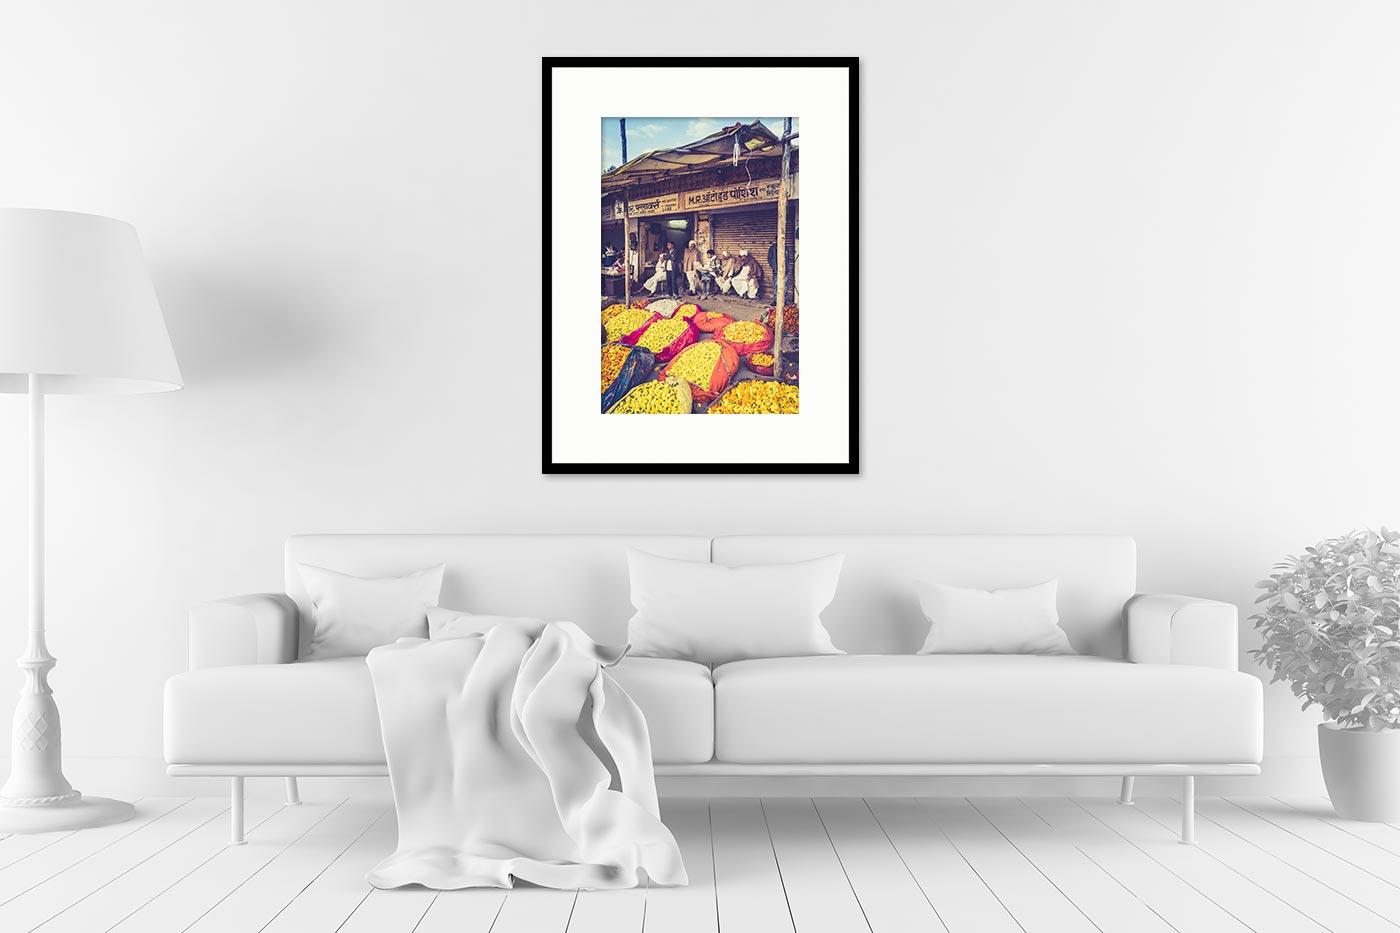 Cadre galerie 60x80 Flower market